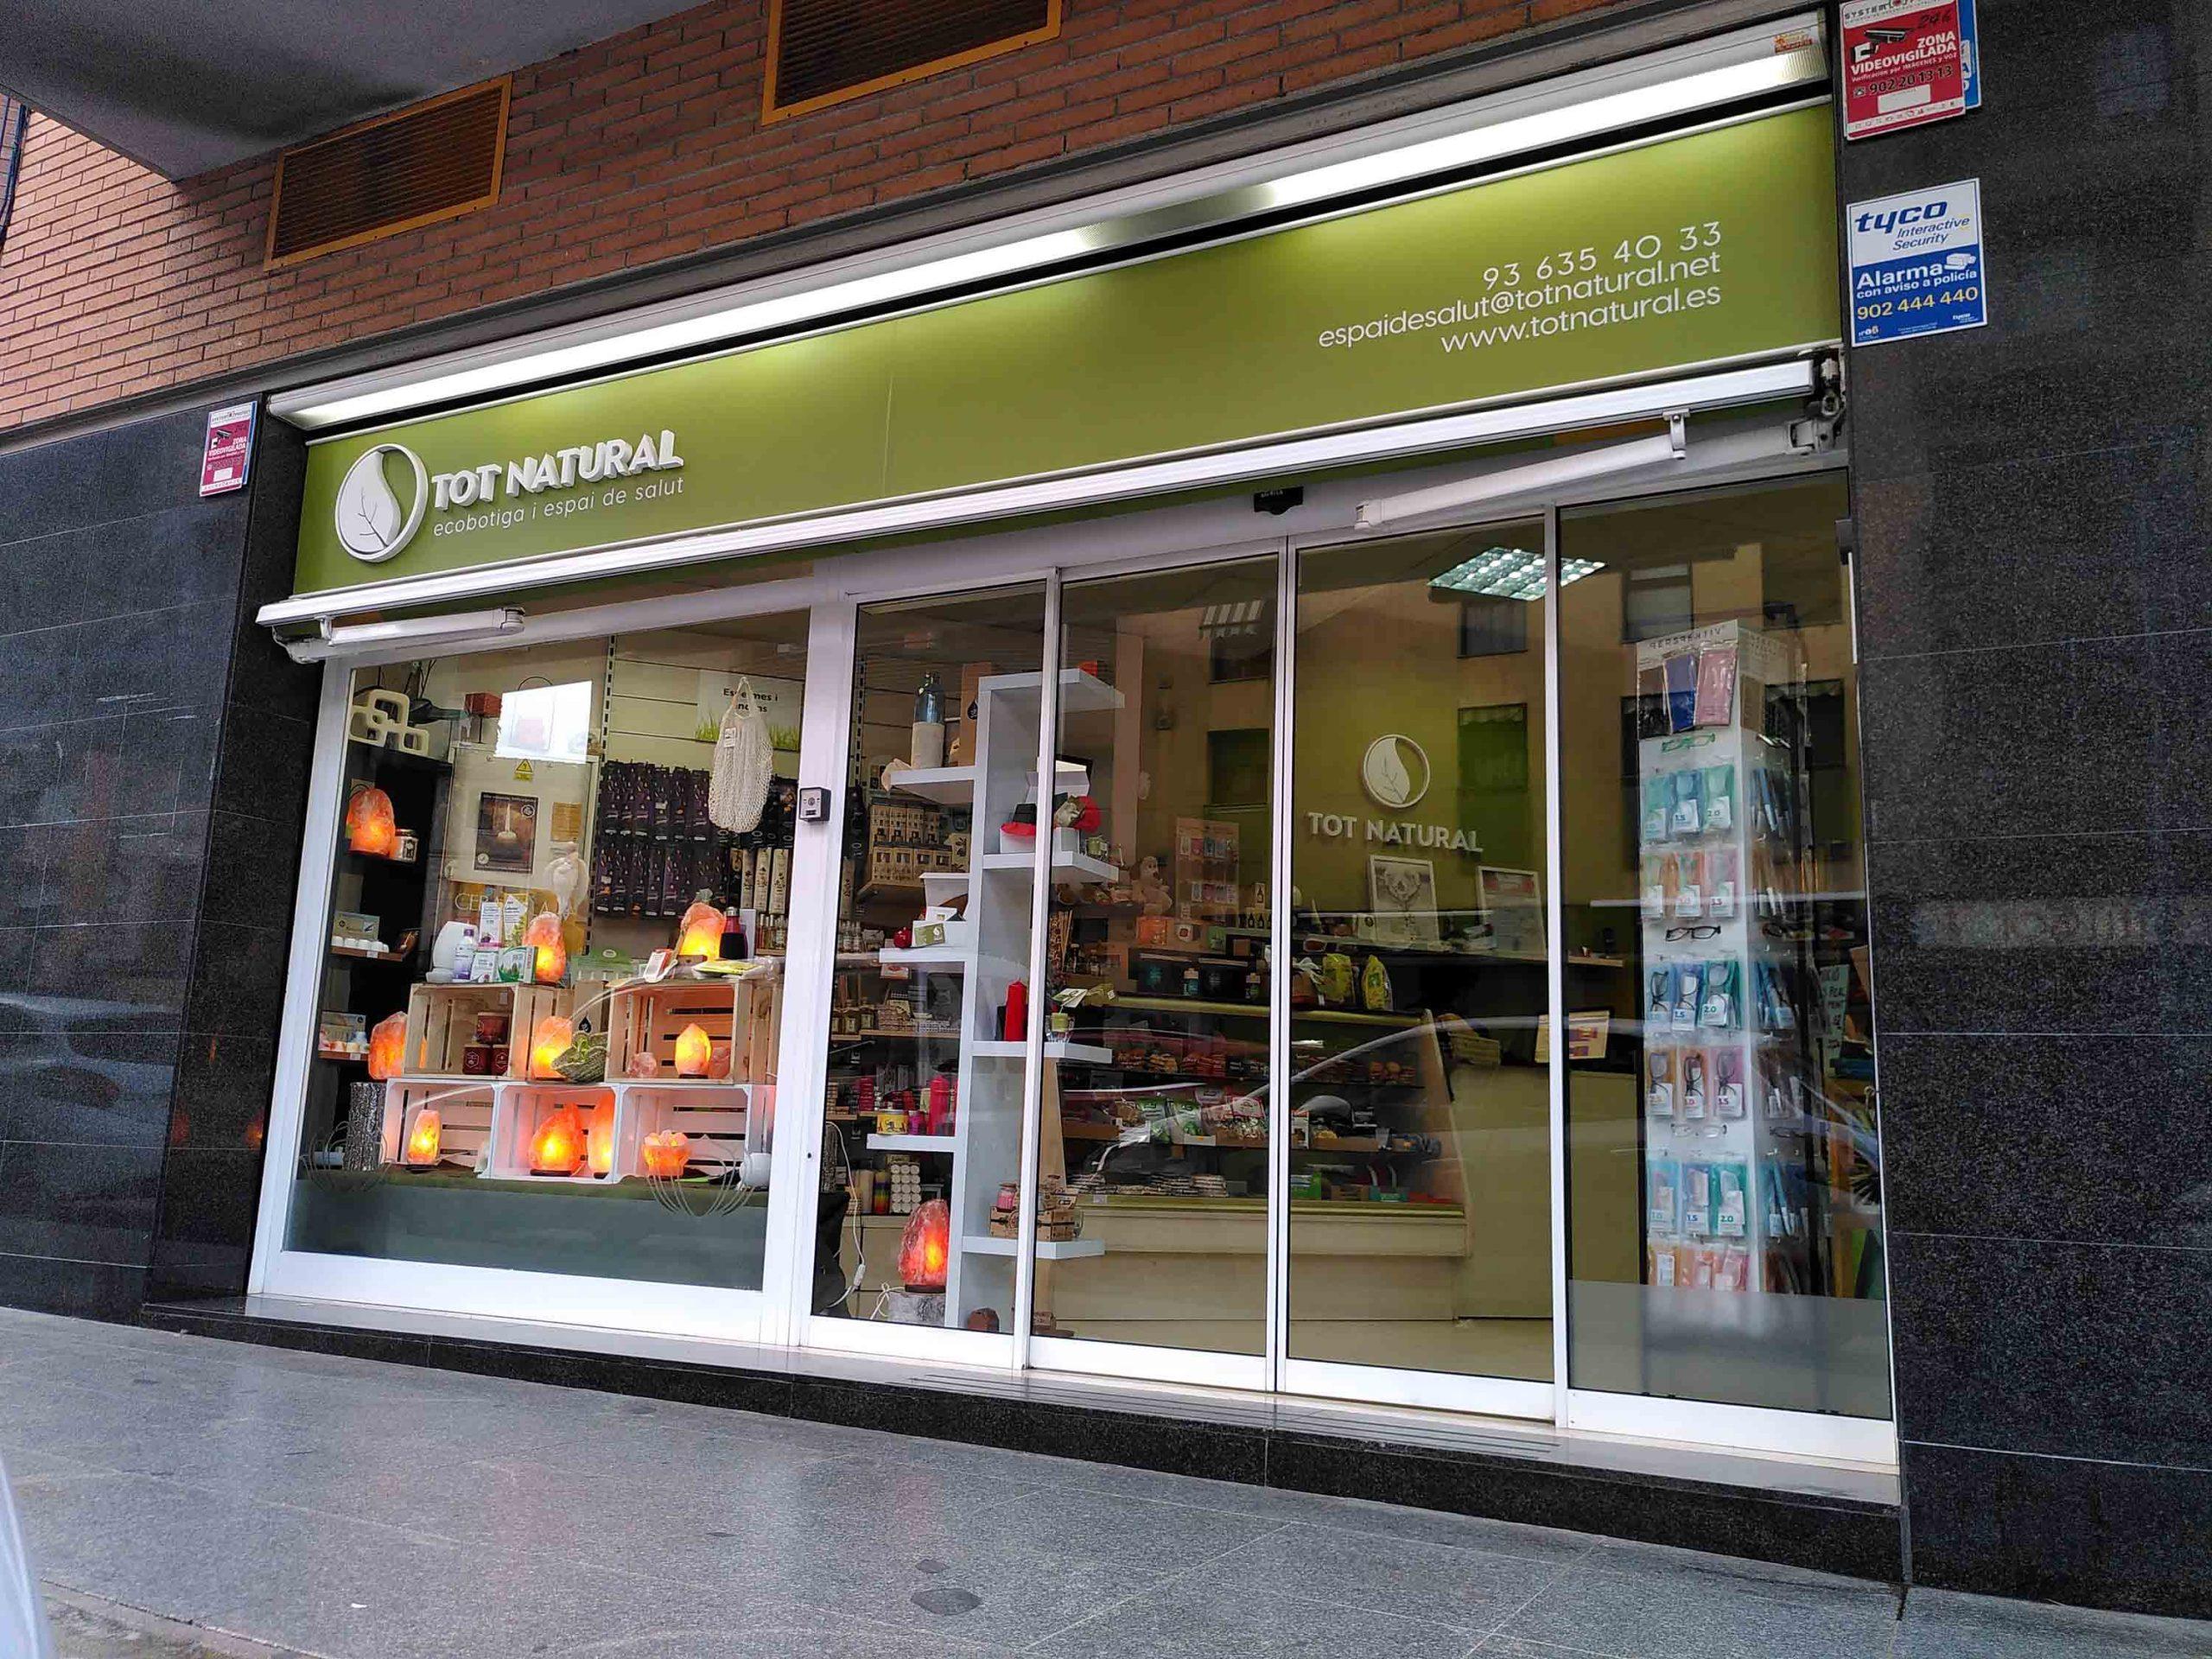 Exterior tienda renovada de Tot Natural en Sant Boi de Llobregat